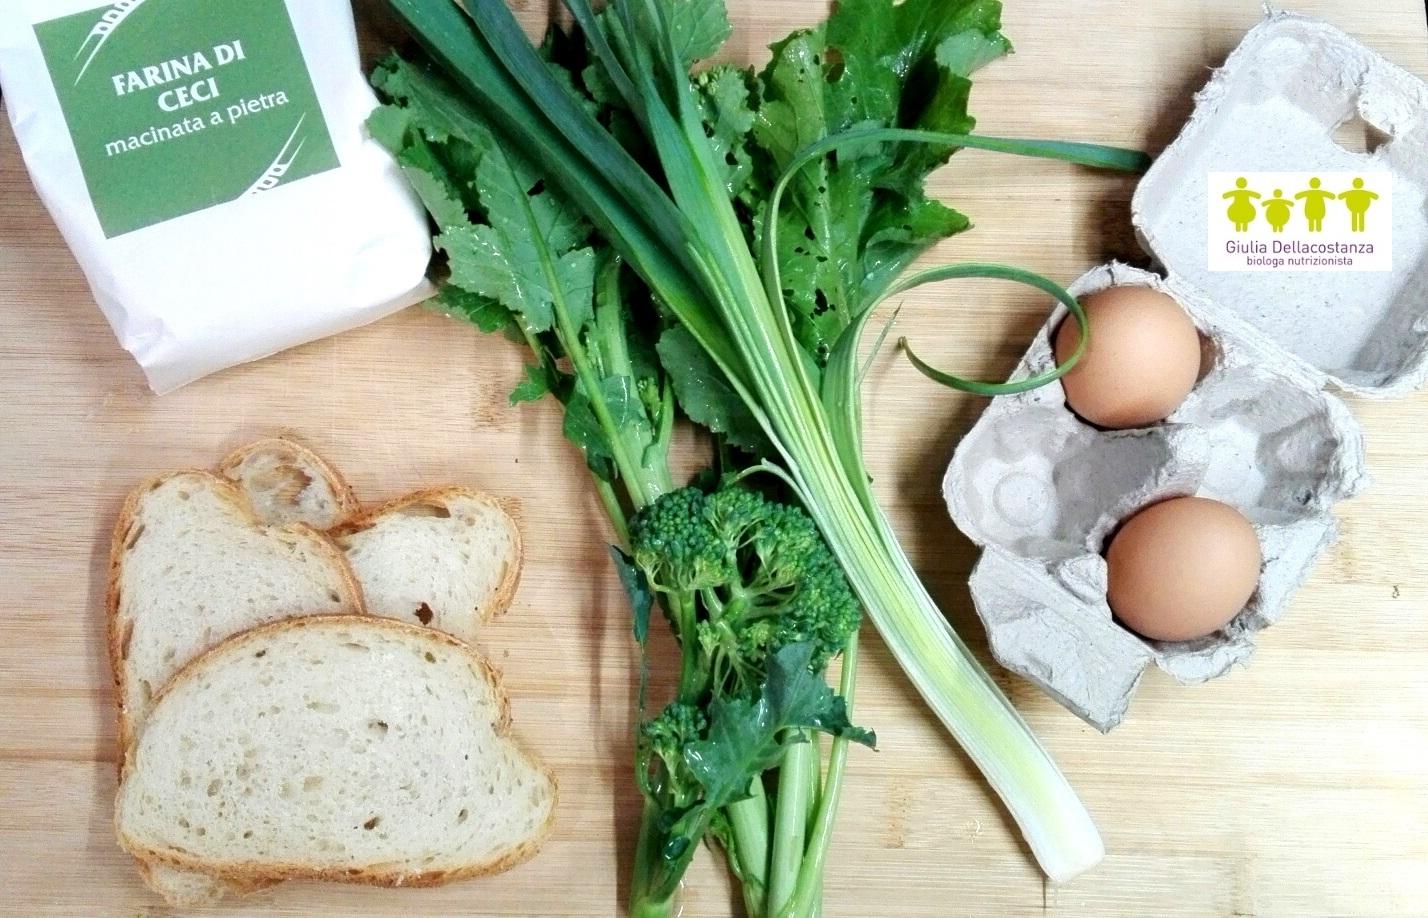 Ingredienti per fare la frittata con le verdure: uova fresche, fette di pane raffermo, broccoli, porro, cime di rapa.